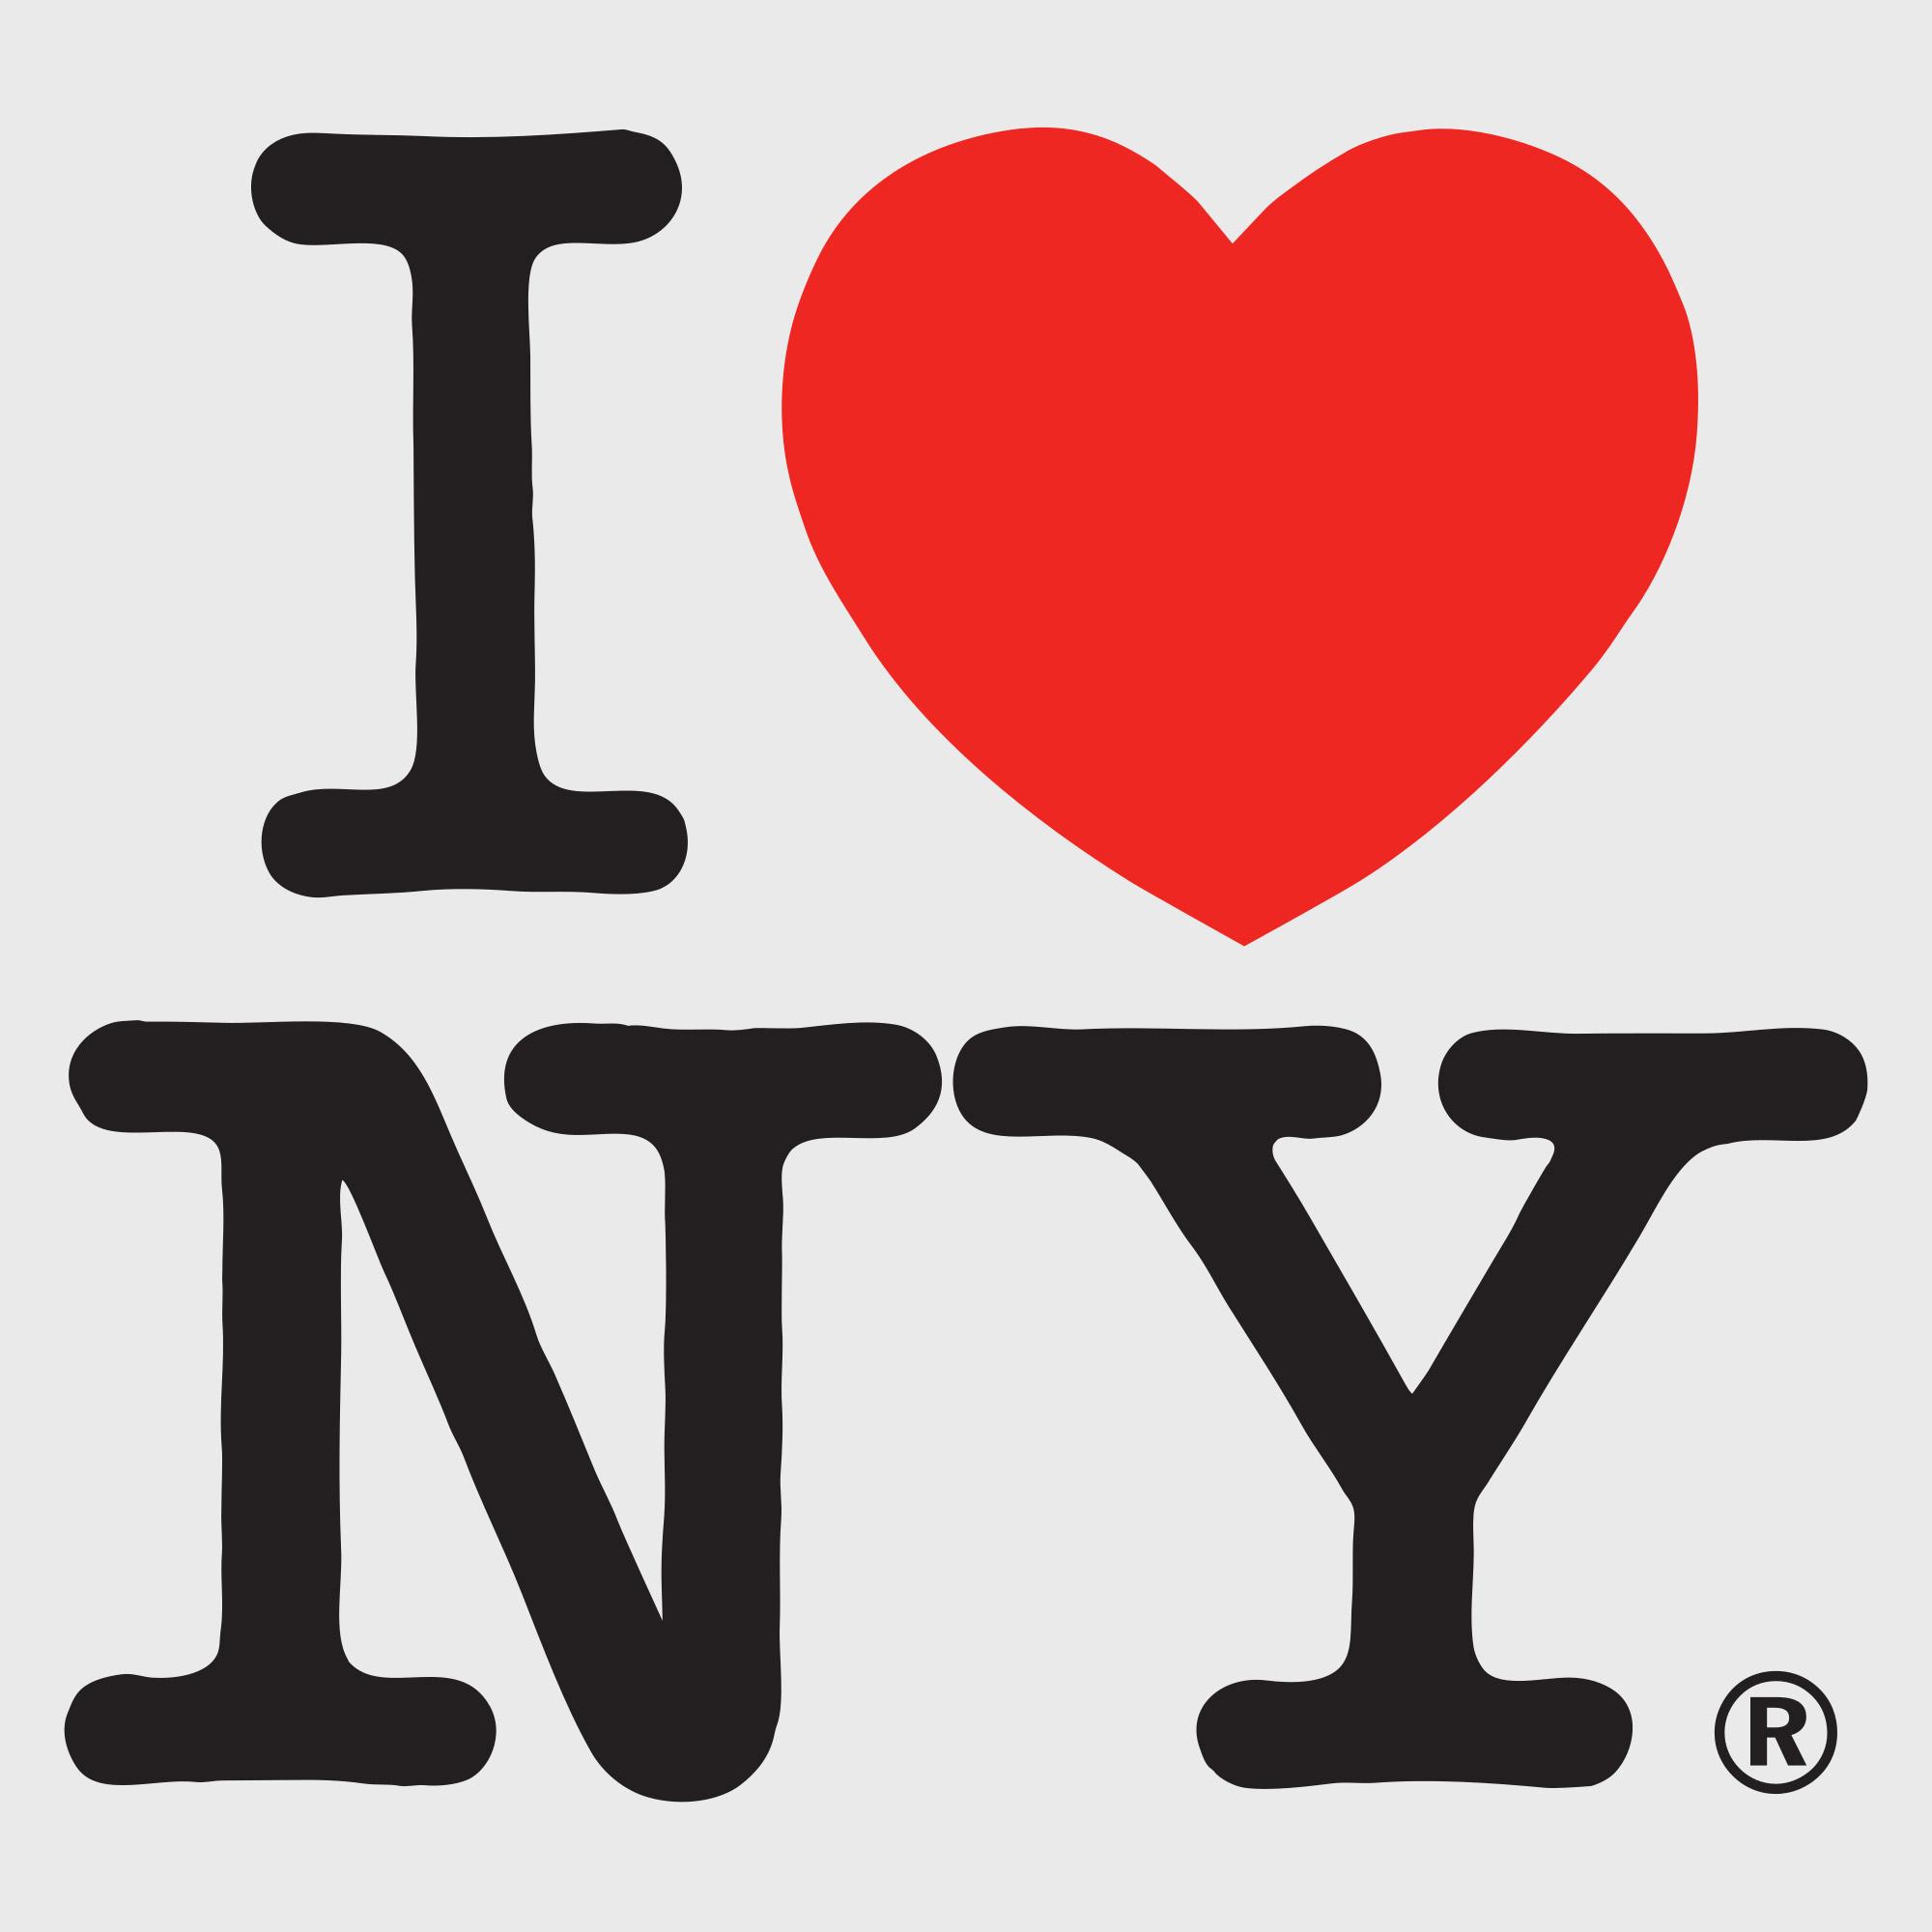 I-cuore-Newy-York-Milton-Glaser-per-rubrica-fuoricontest-expo4talent